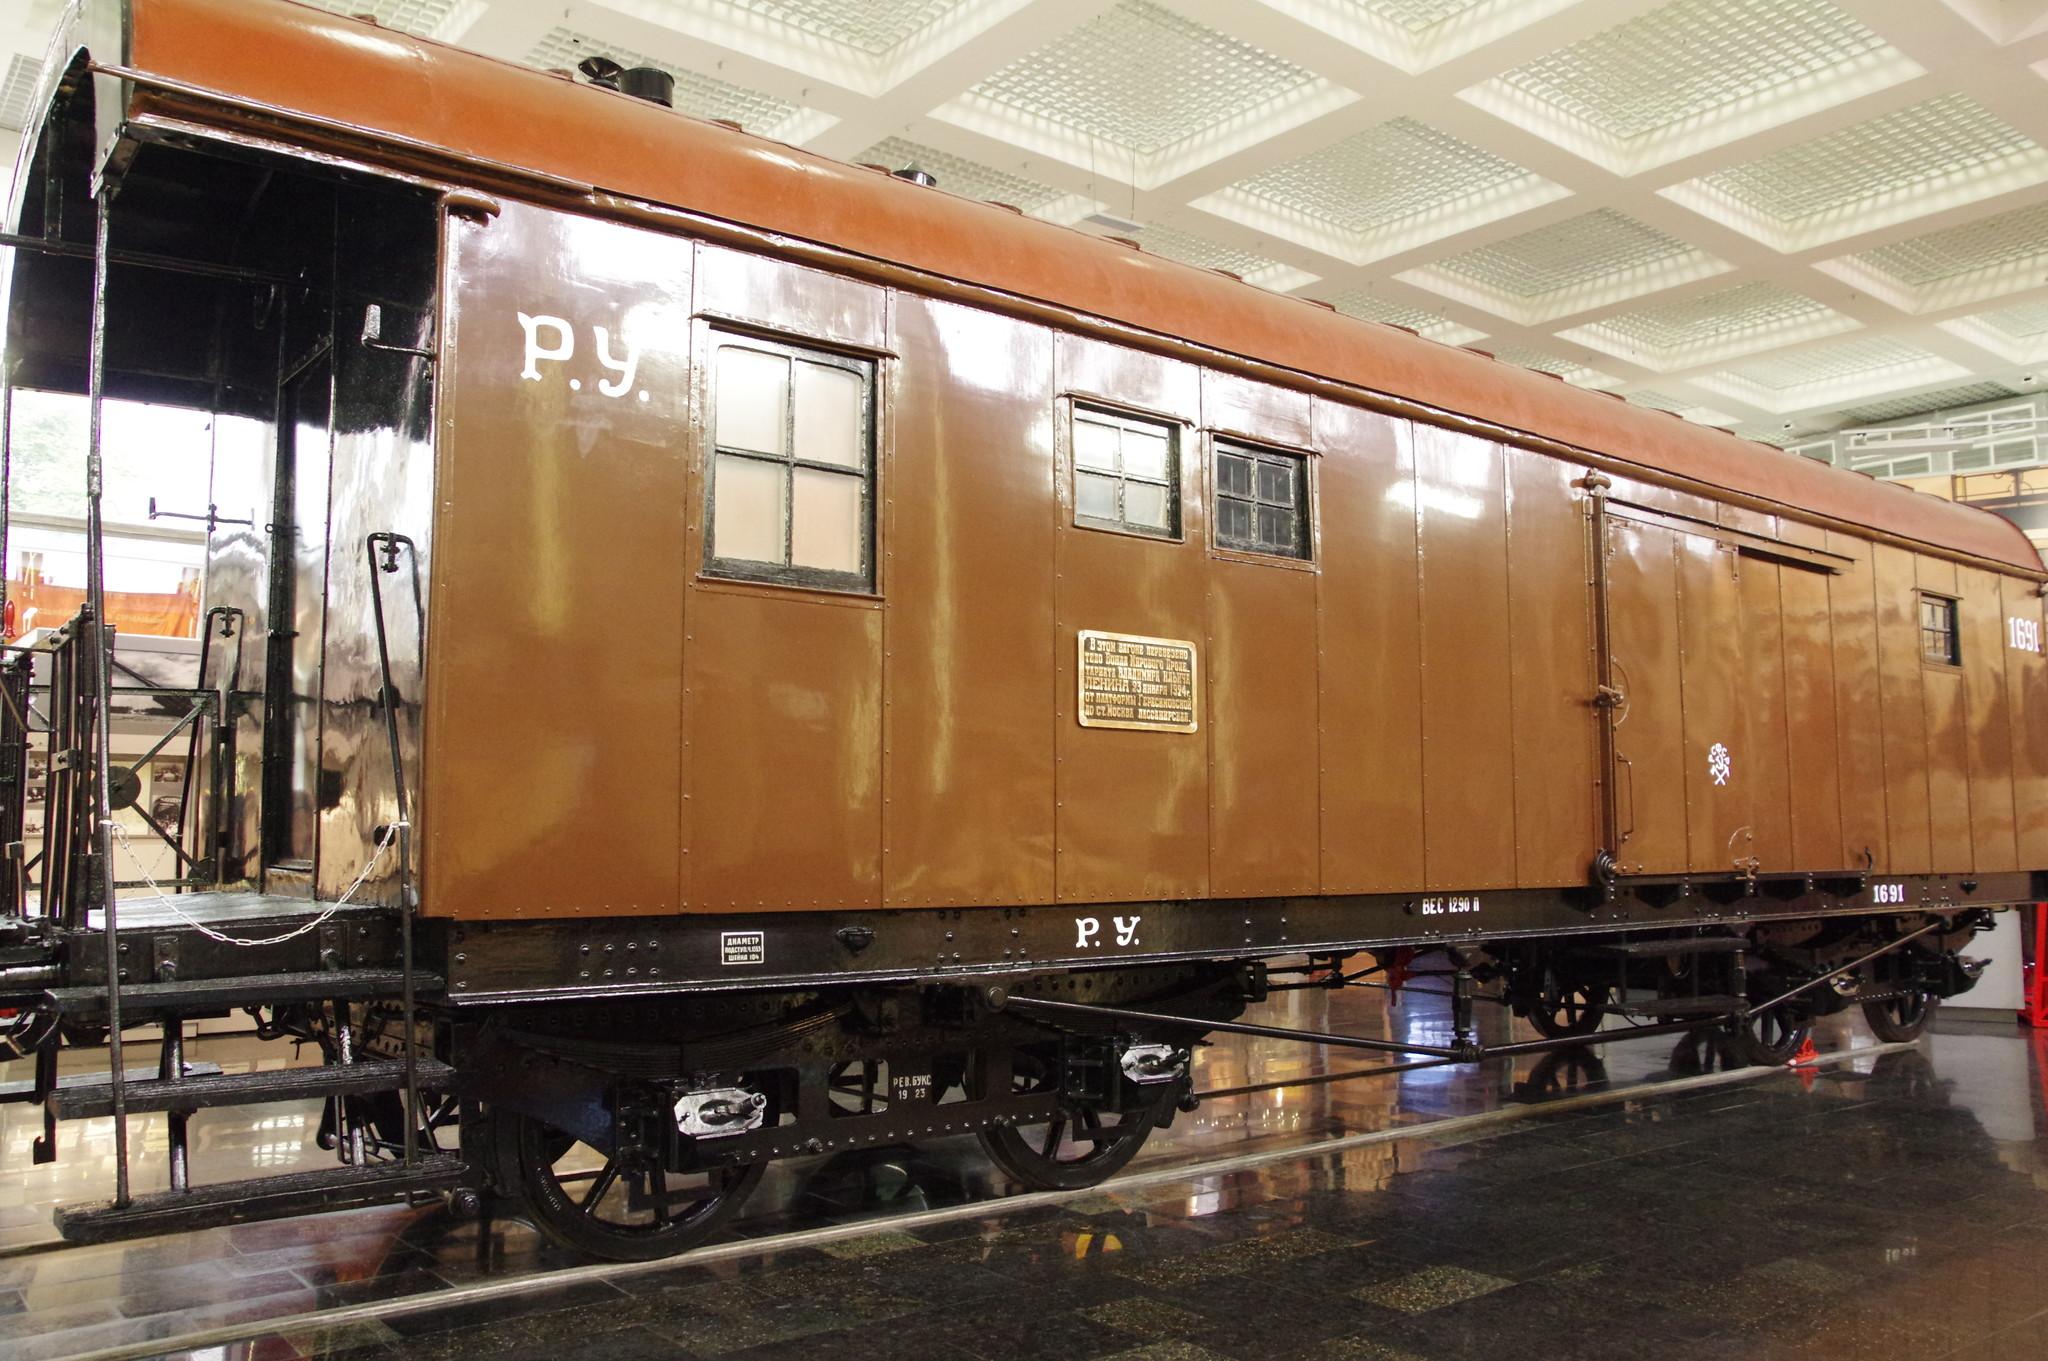 Багажный вагон № 1691